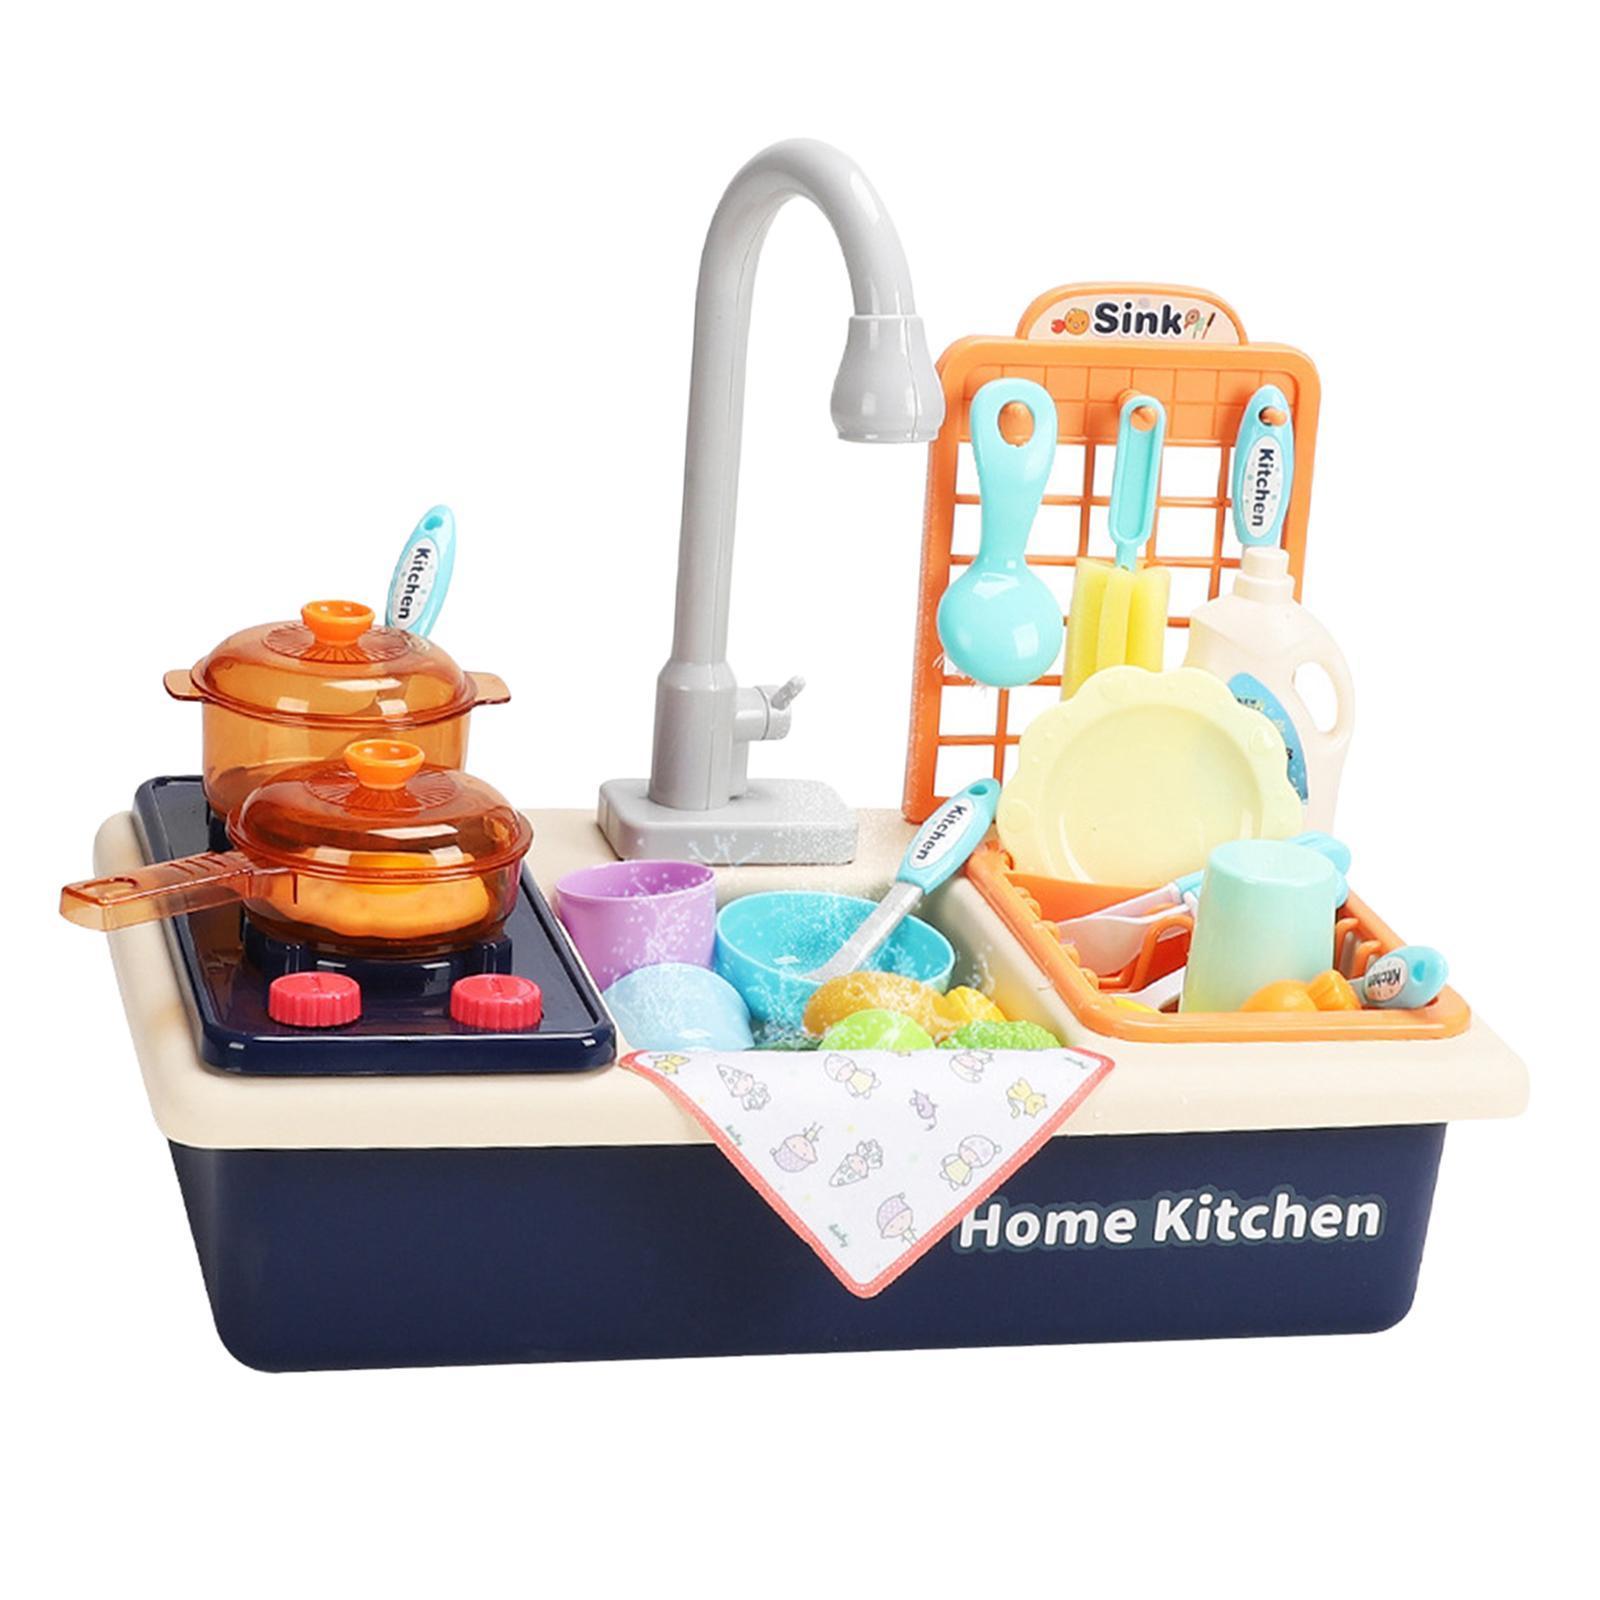 Indexbild 20 - Kinder-Kueche-Spielen-Waschbecken-Spielzeug-Automatische-Wasser-Zyklus-System